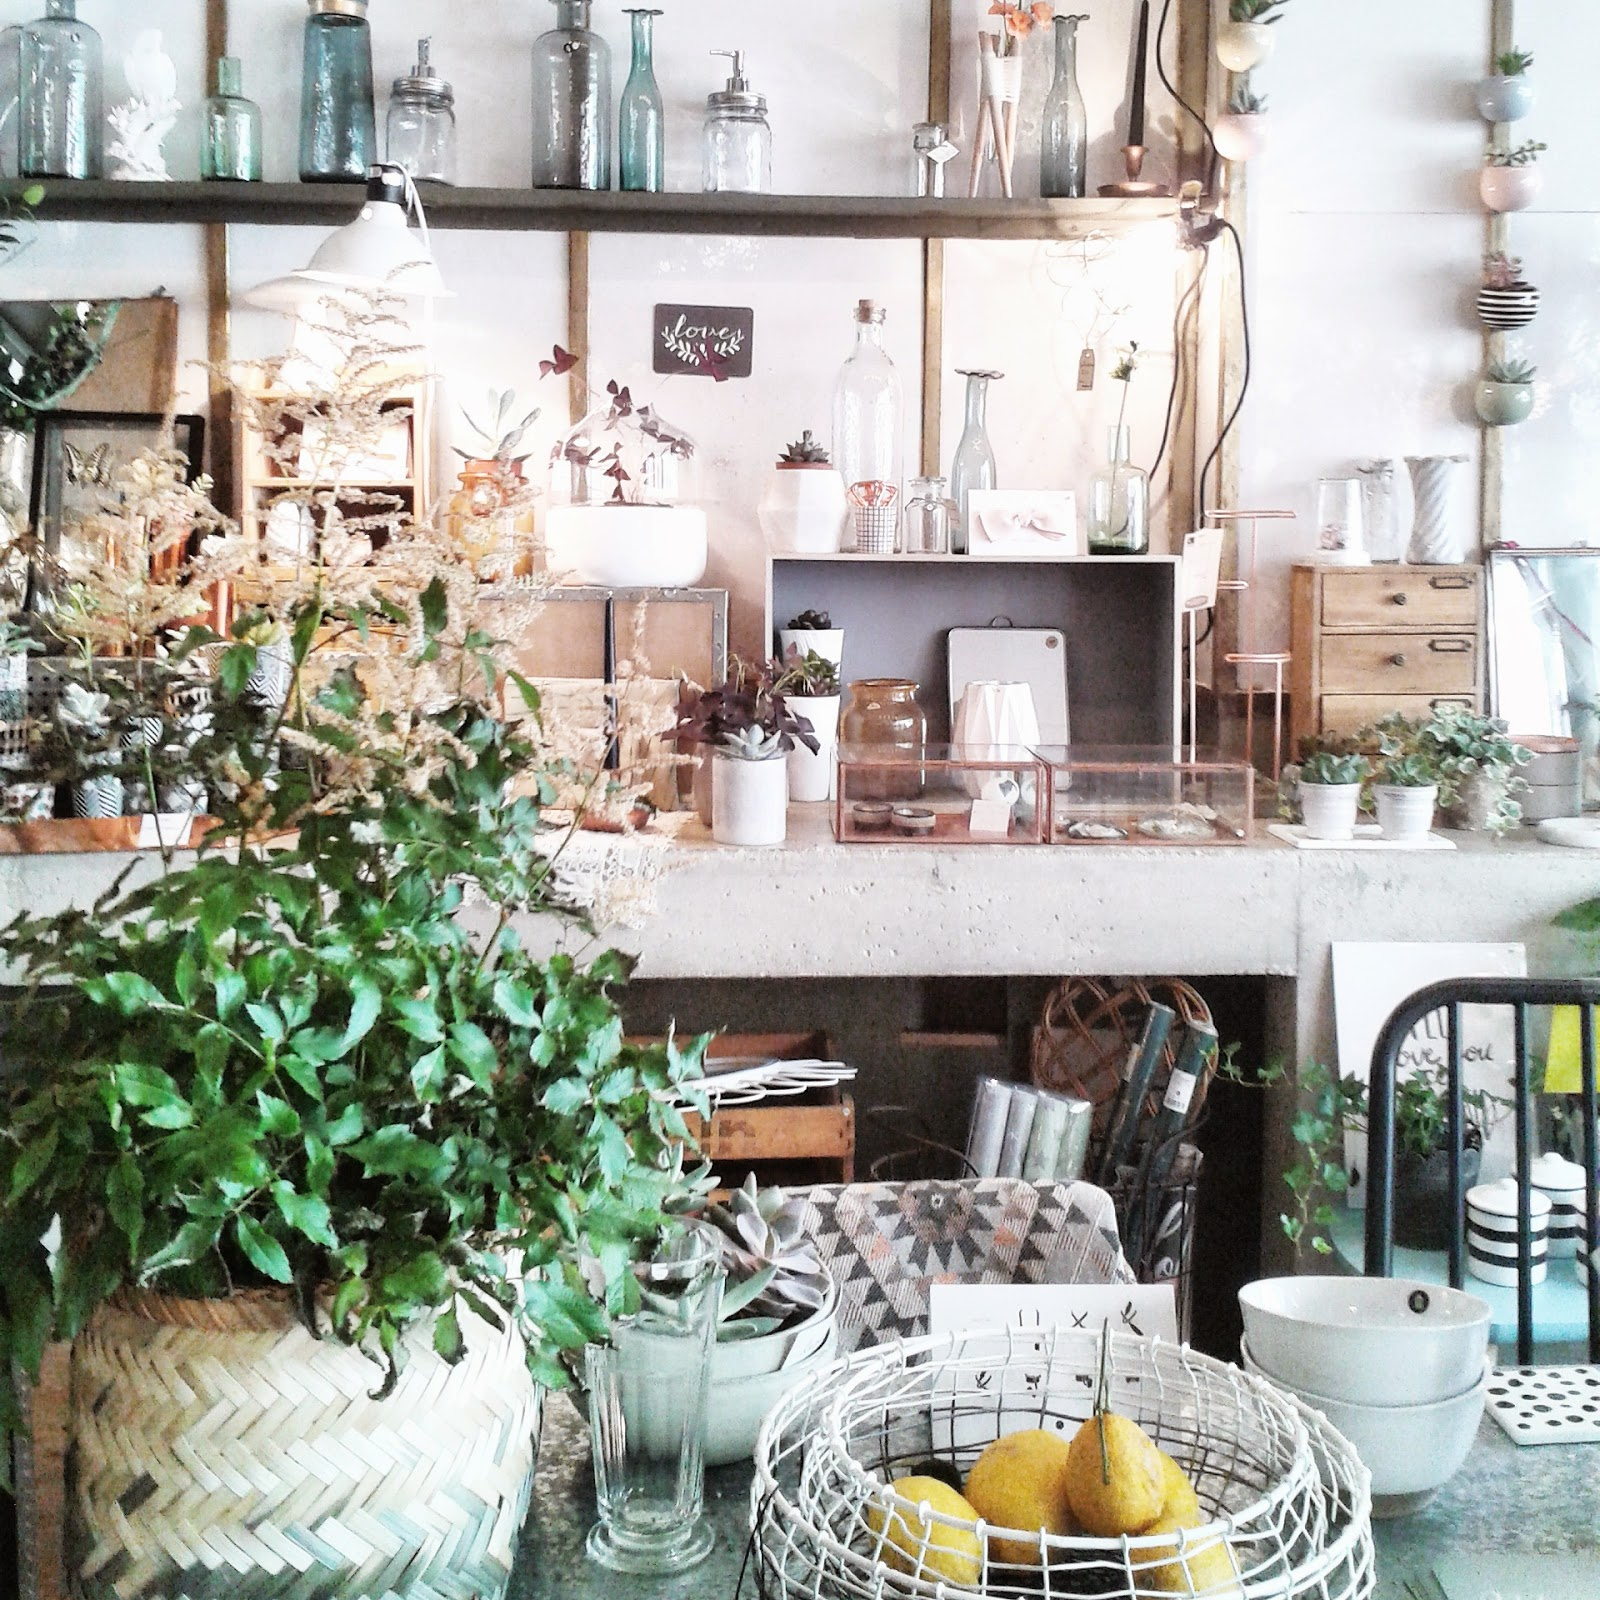 Paris / Boutique Les fleurs / Photos Atelier rue verte /